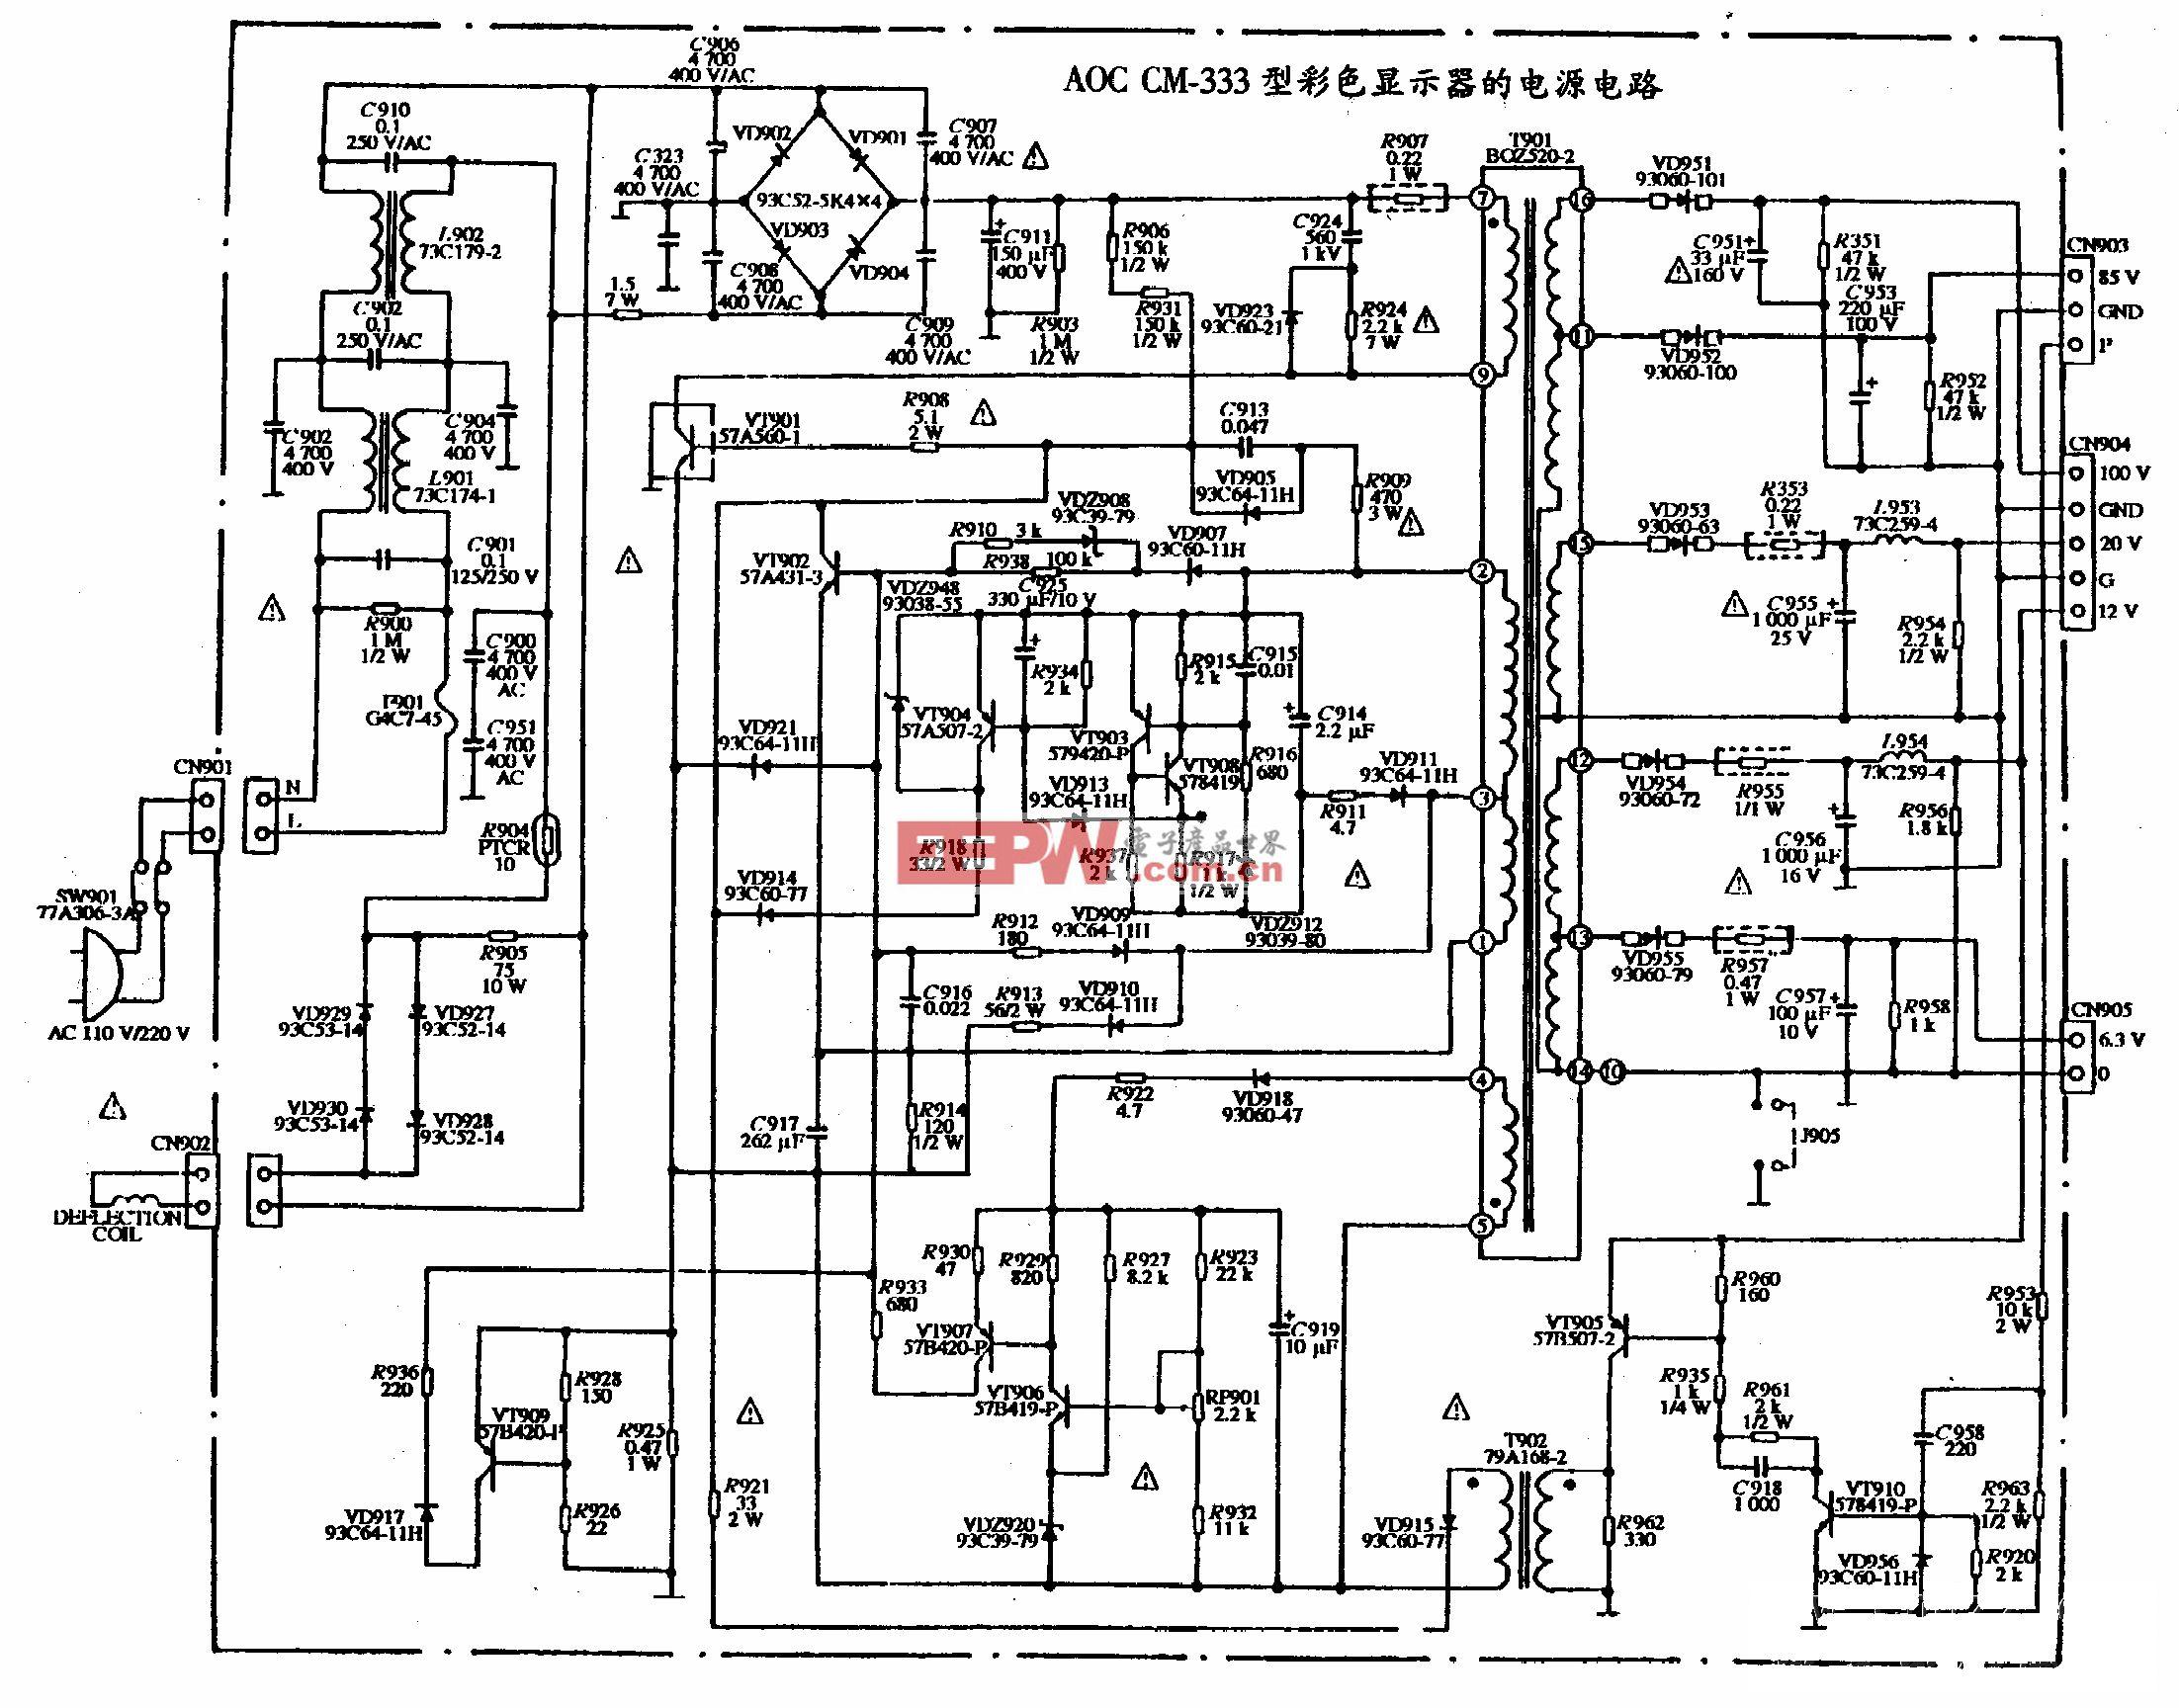 AOC CM-333型彩色显示器的电源电路图